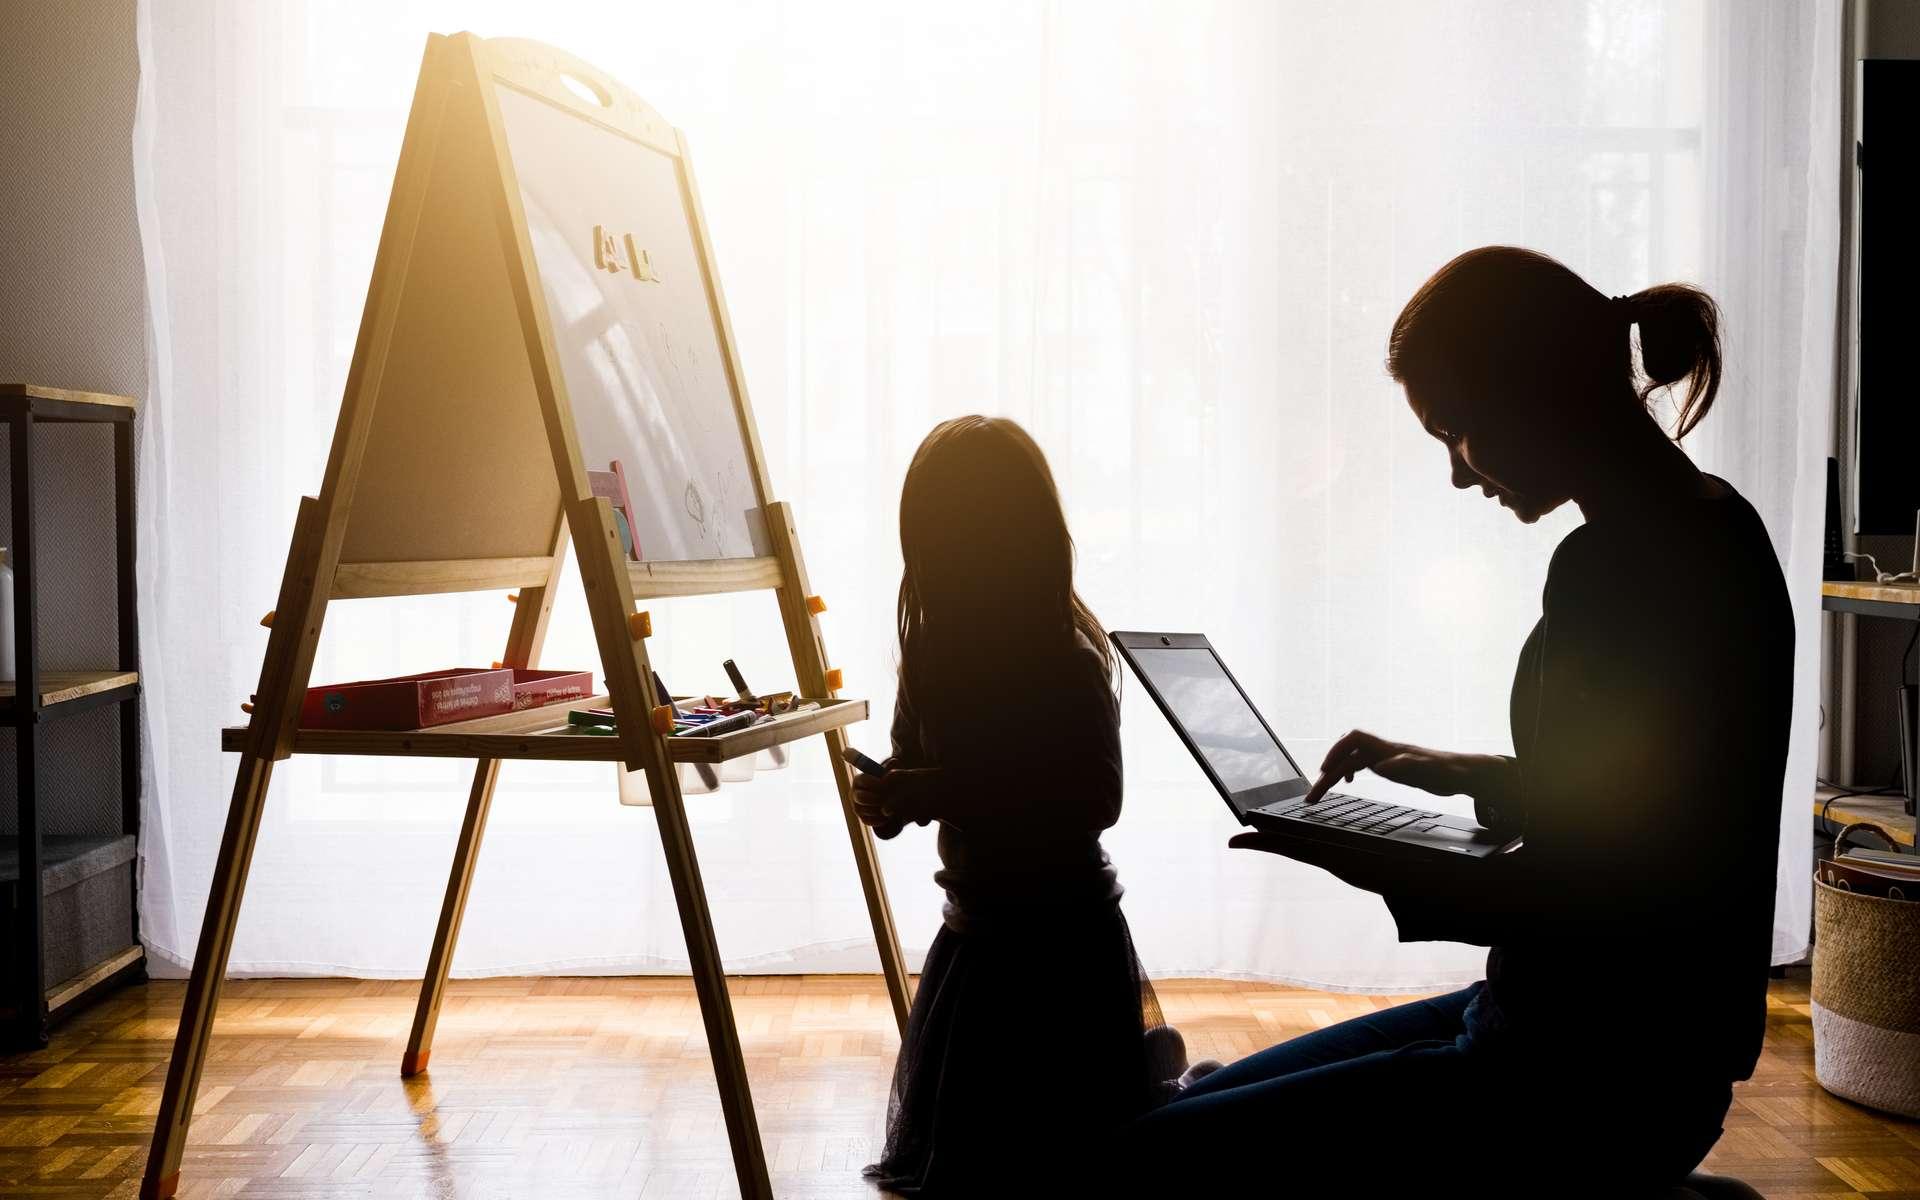 Découvrez sept conseils pour organiser votre télétravail efficacement. © shocky, Adobe Stock